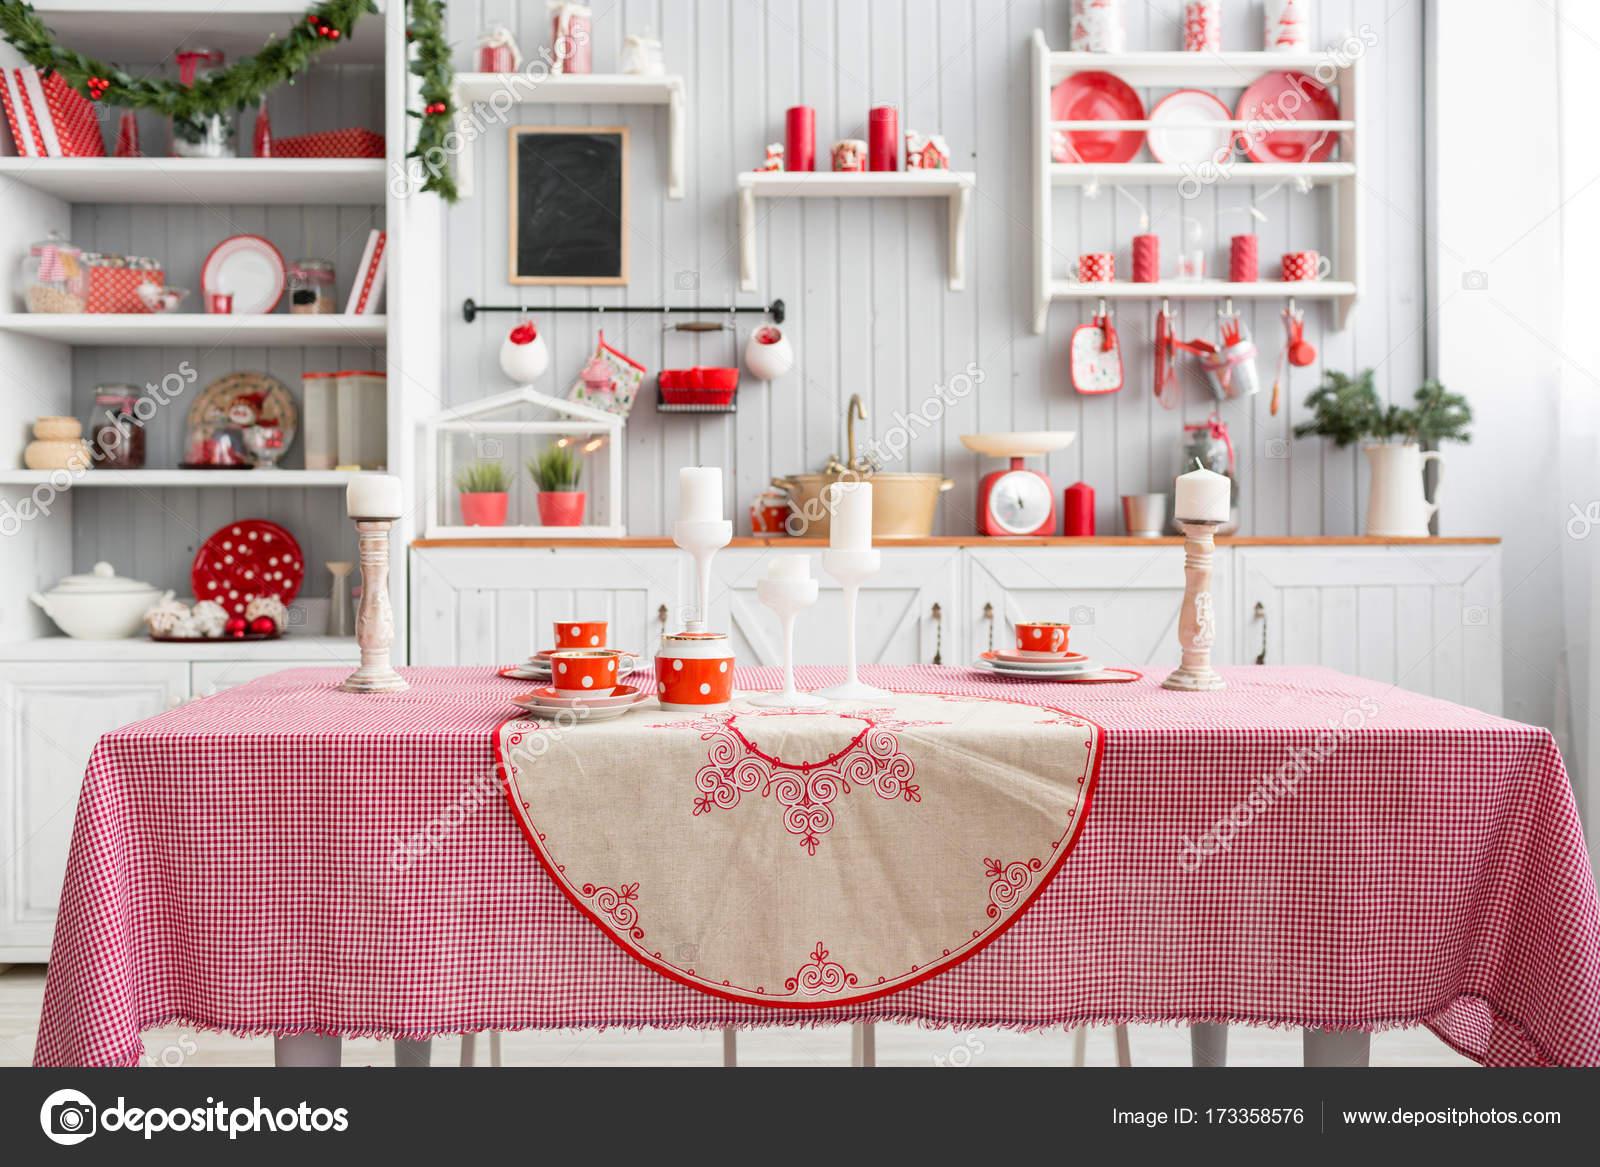 interieur licht grijze keuken en rode kerst decor voorbereiding lunch thuis op het concept van